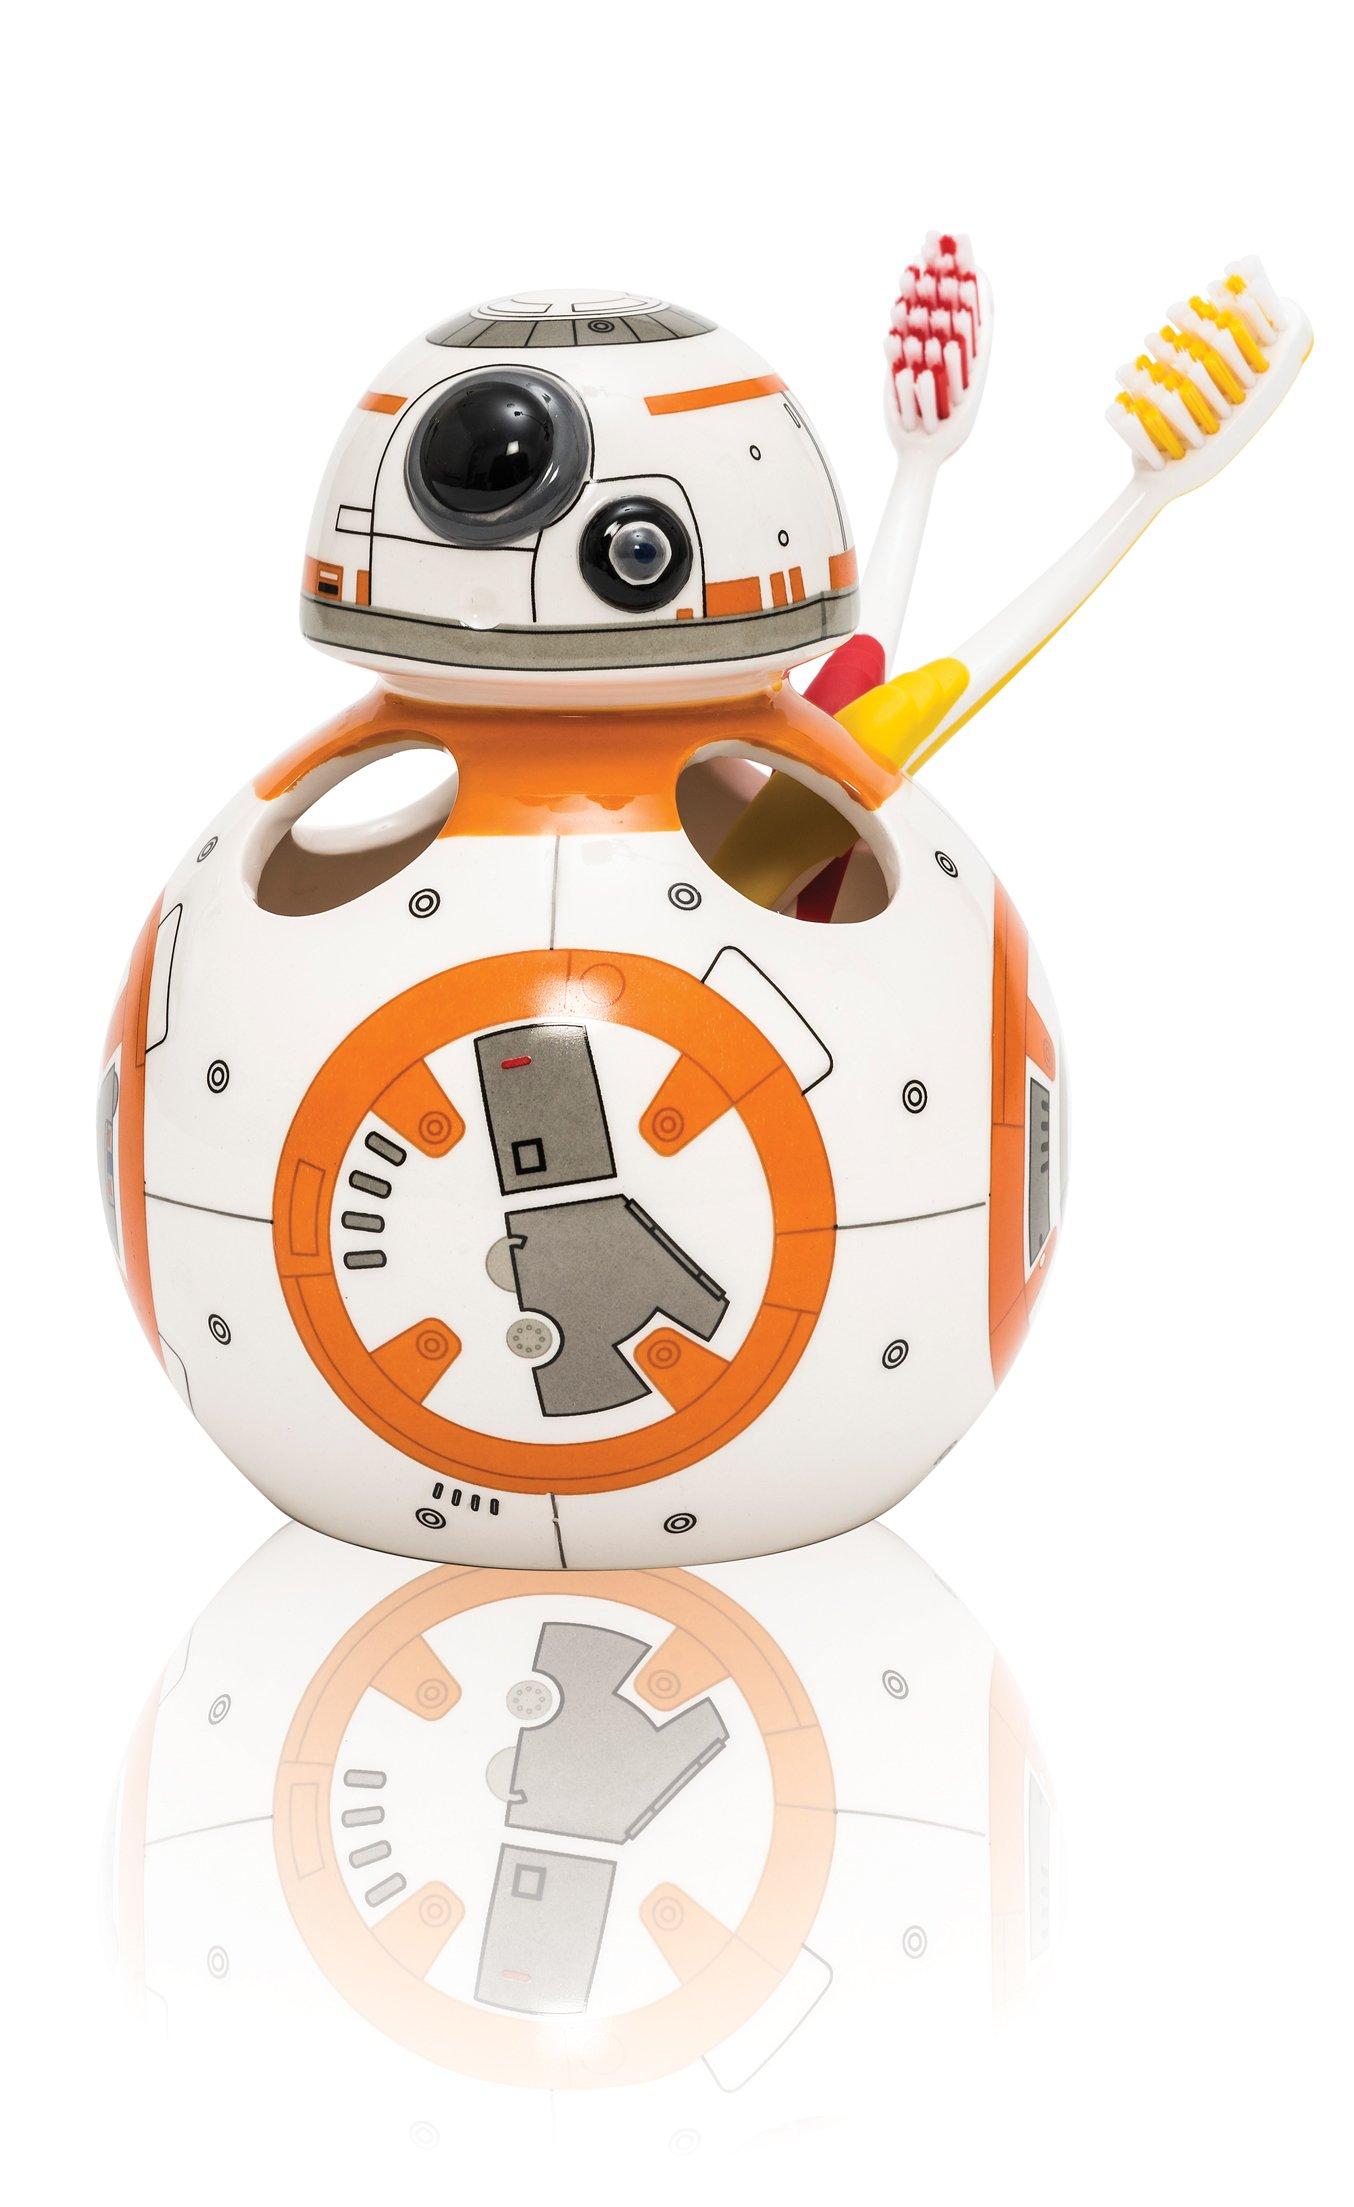 ToyJoy Star Wars Episode VII Toothbrush Holder BB-8 Other Accessori Cucina